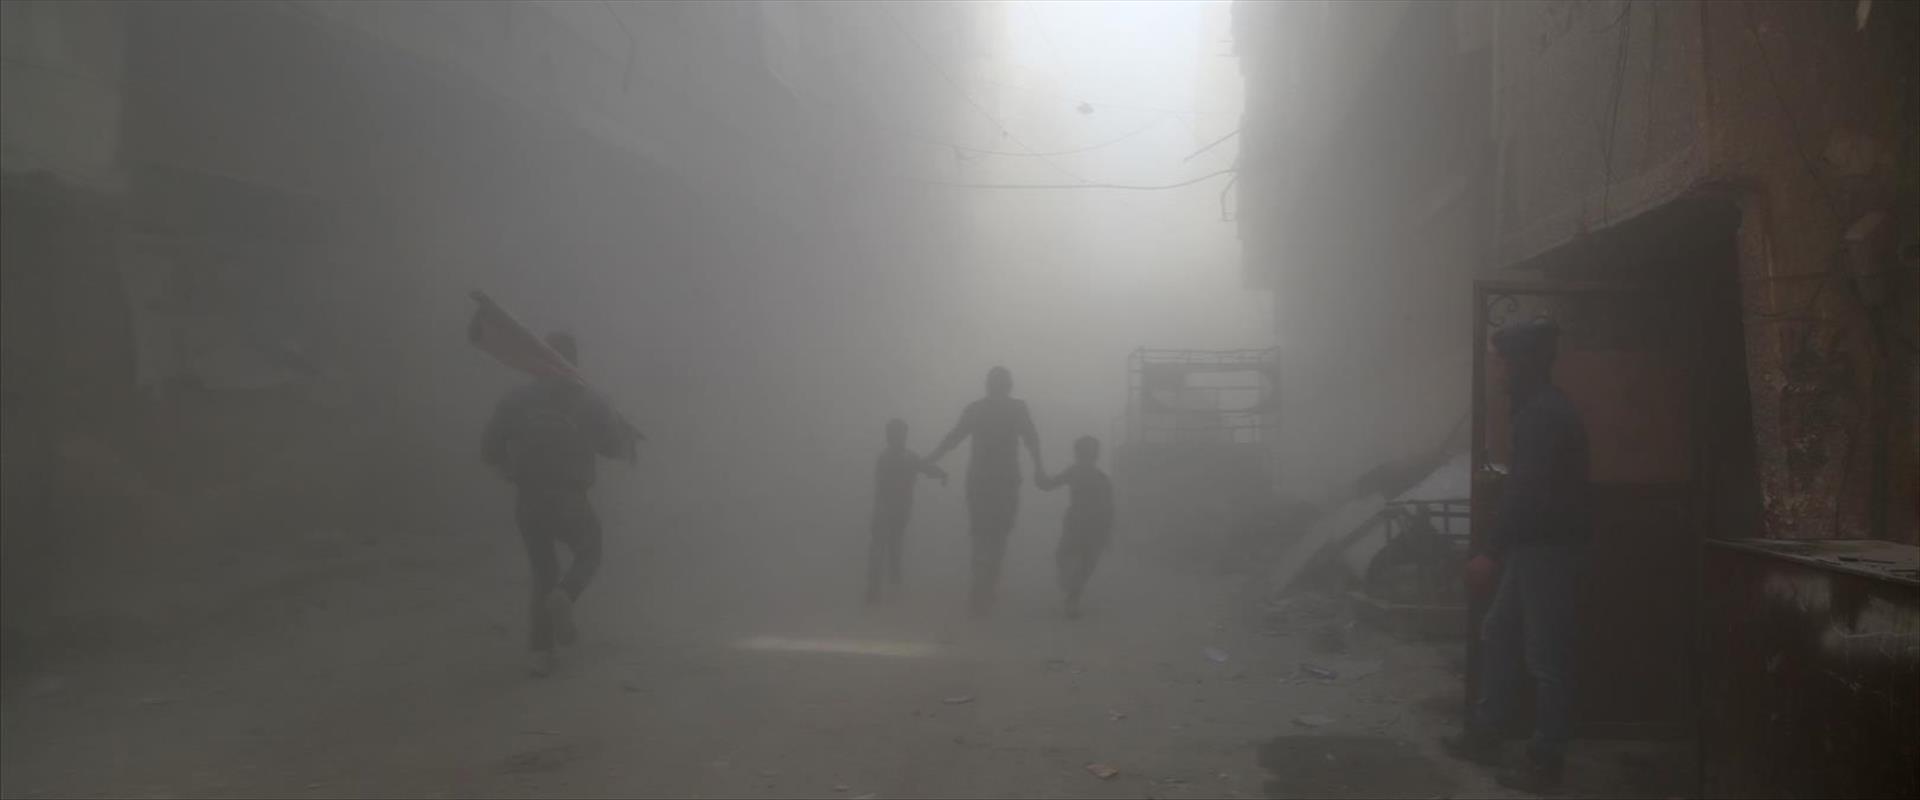 תקיפה בפרברי דמשק, מארס 2017